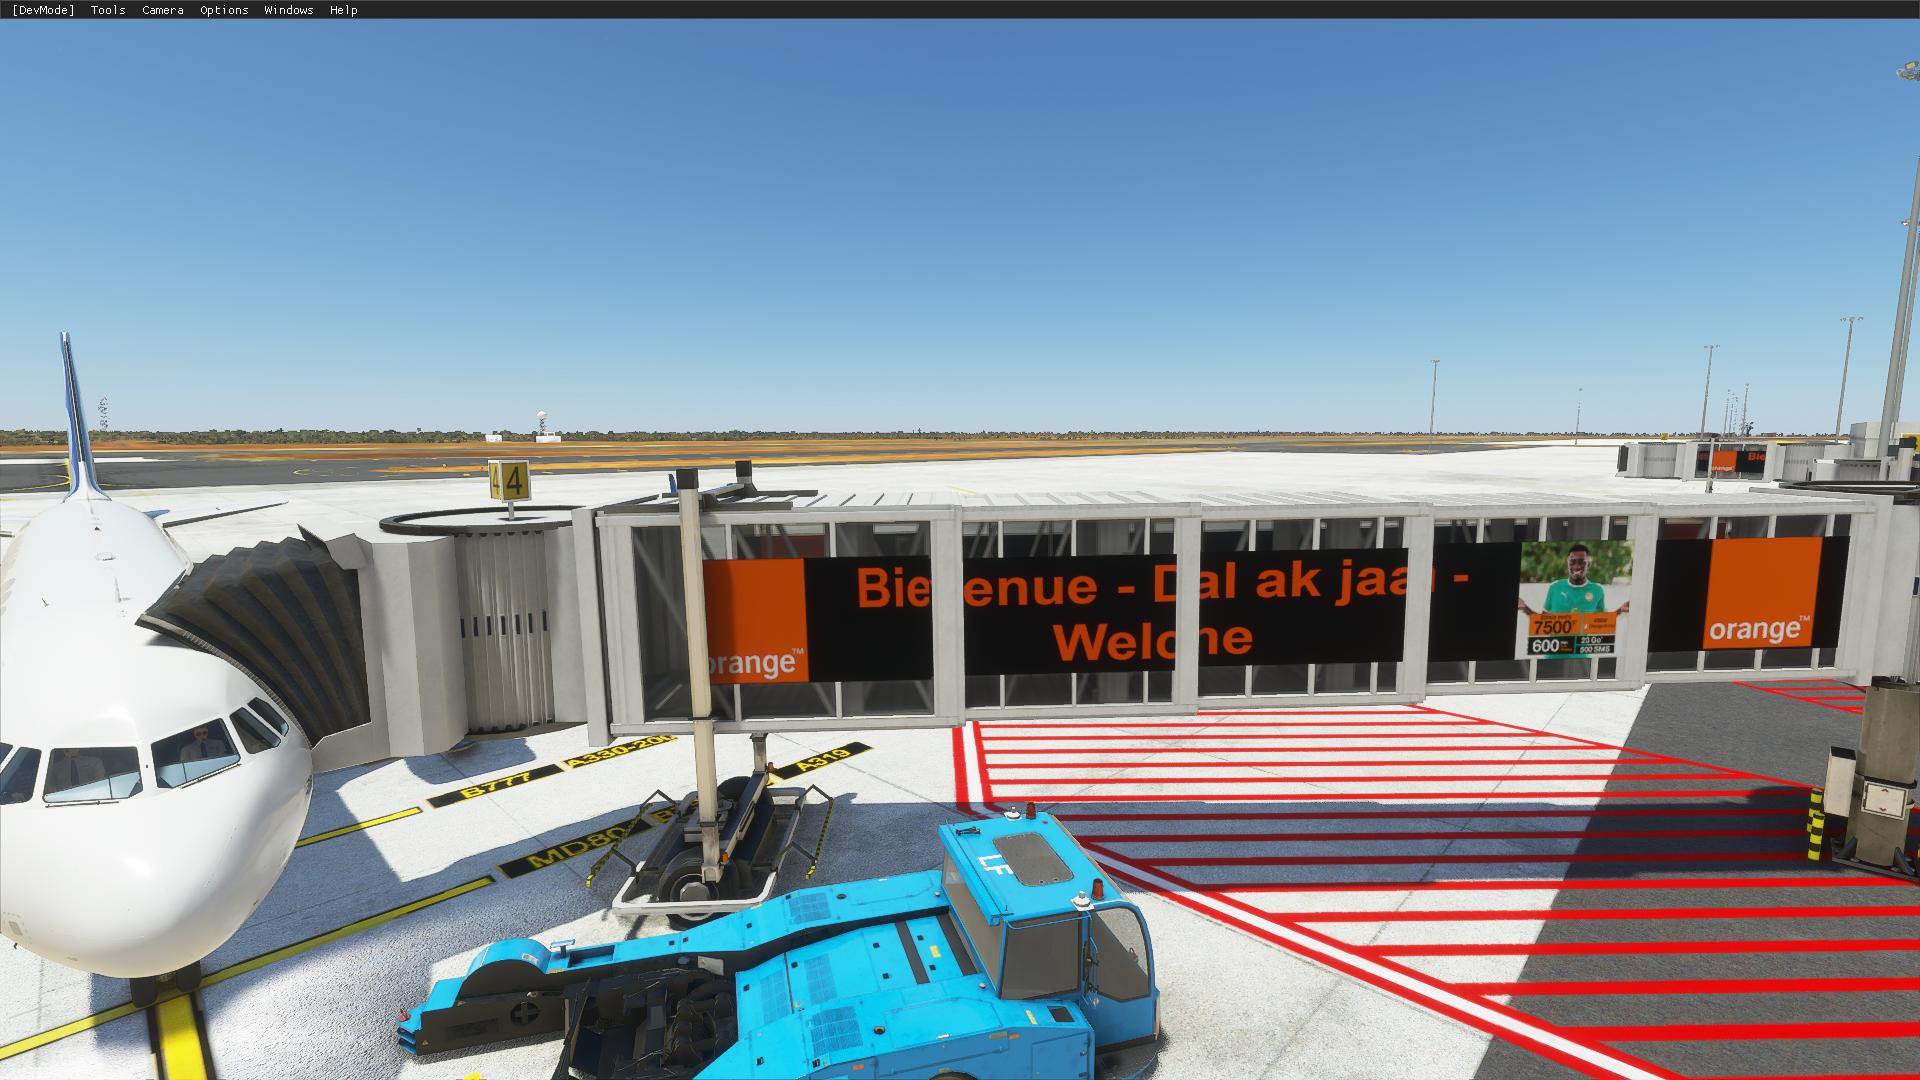 FlightSimulator 2020-10-01 02-09-35-57.png